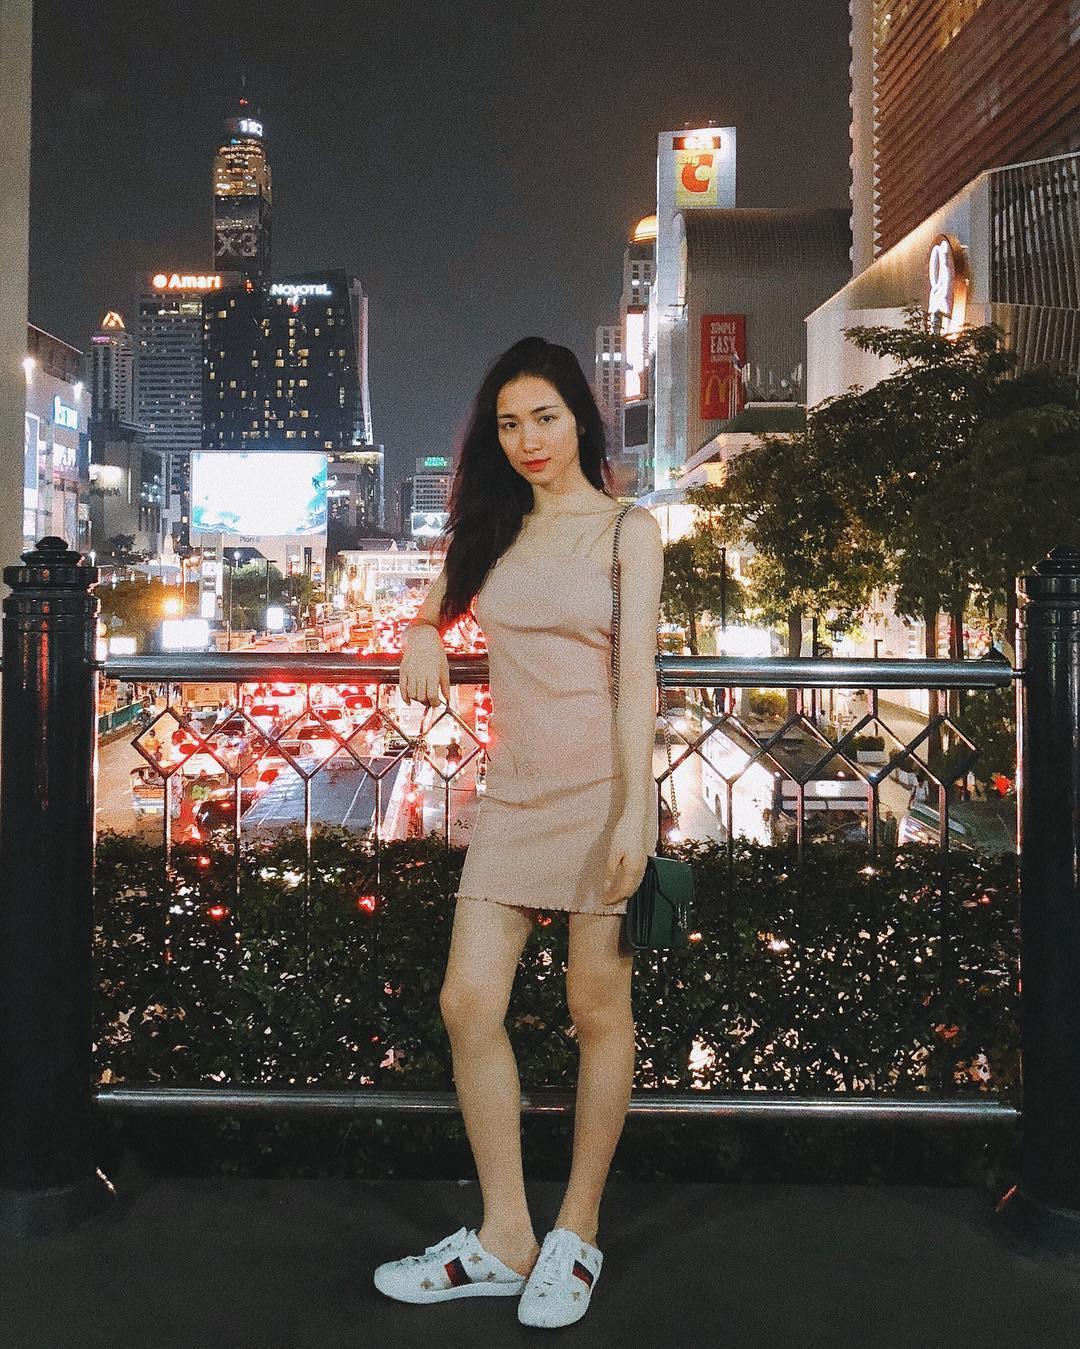 Chịu chi như Hòa Minzy: sắm hẳn giày gần 20 triệu chỉ để đi đạp gót! - Ảnh 3.